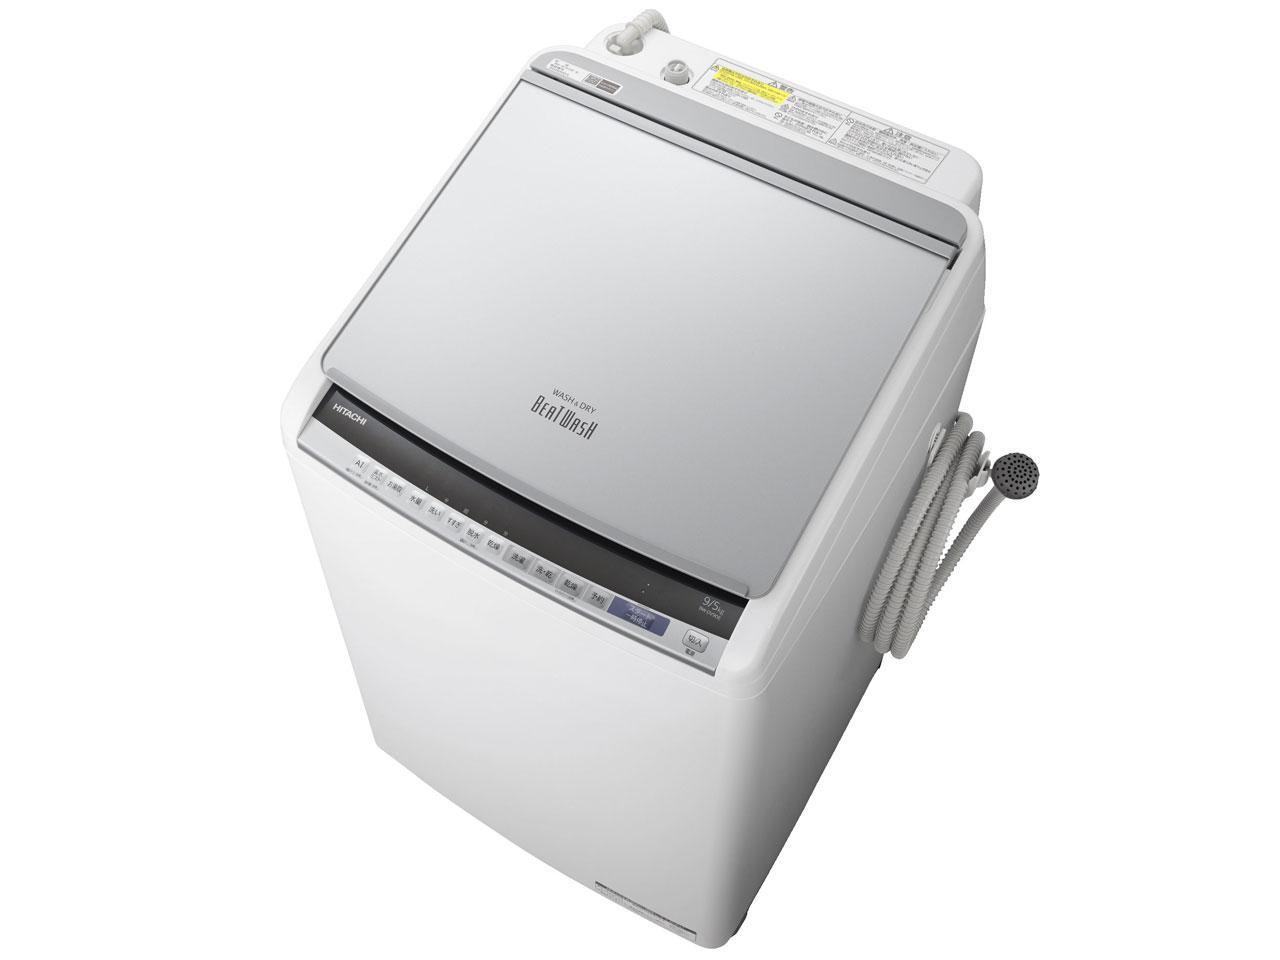 日立 ビートウォッシュ9.0kg 洗濯乾燥機 BW-DV90E-S